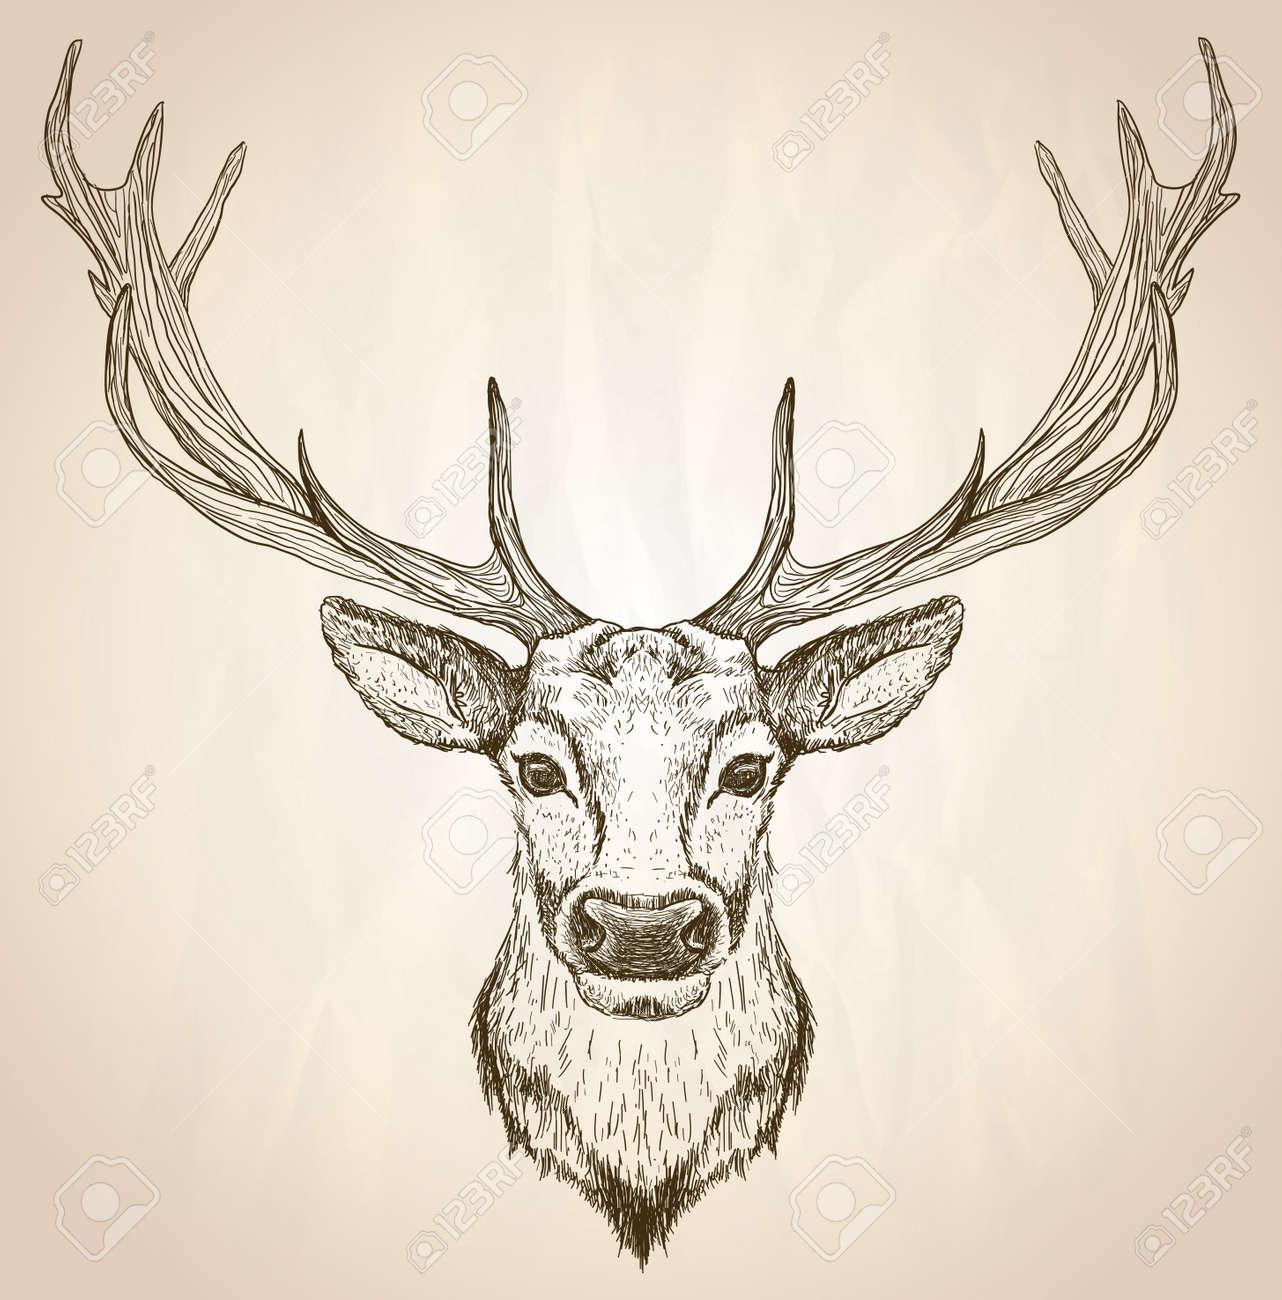 鹿の頭に大きな枝角、正面、ベクトル野生動物ポスターの手描き